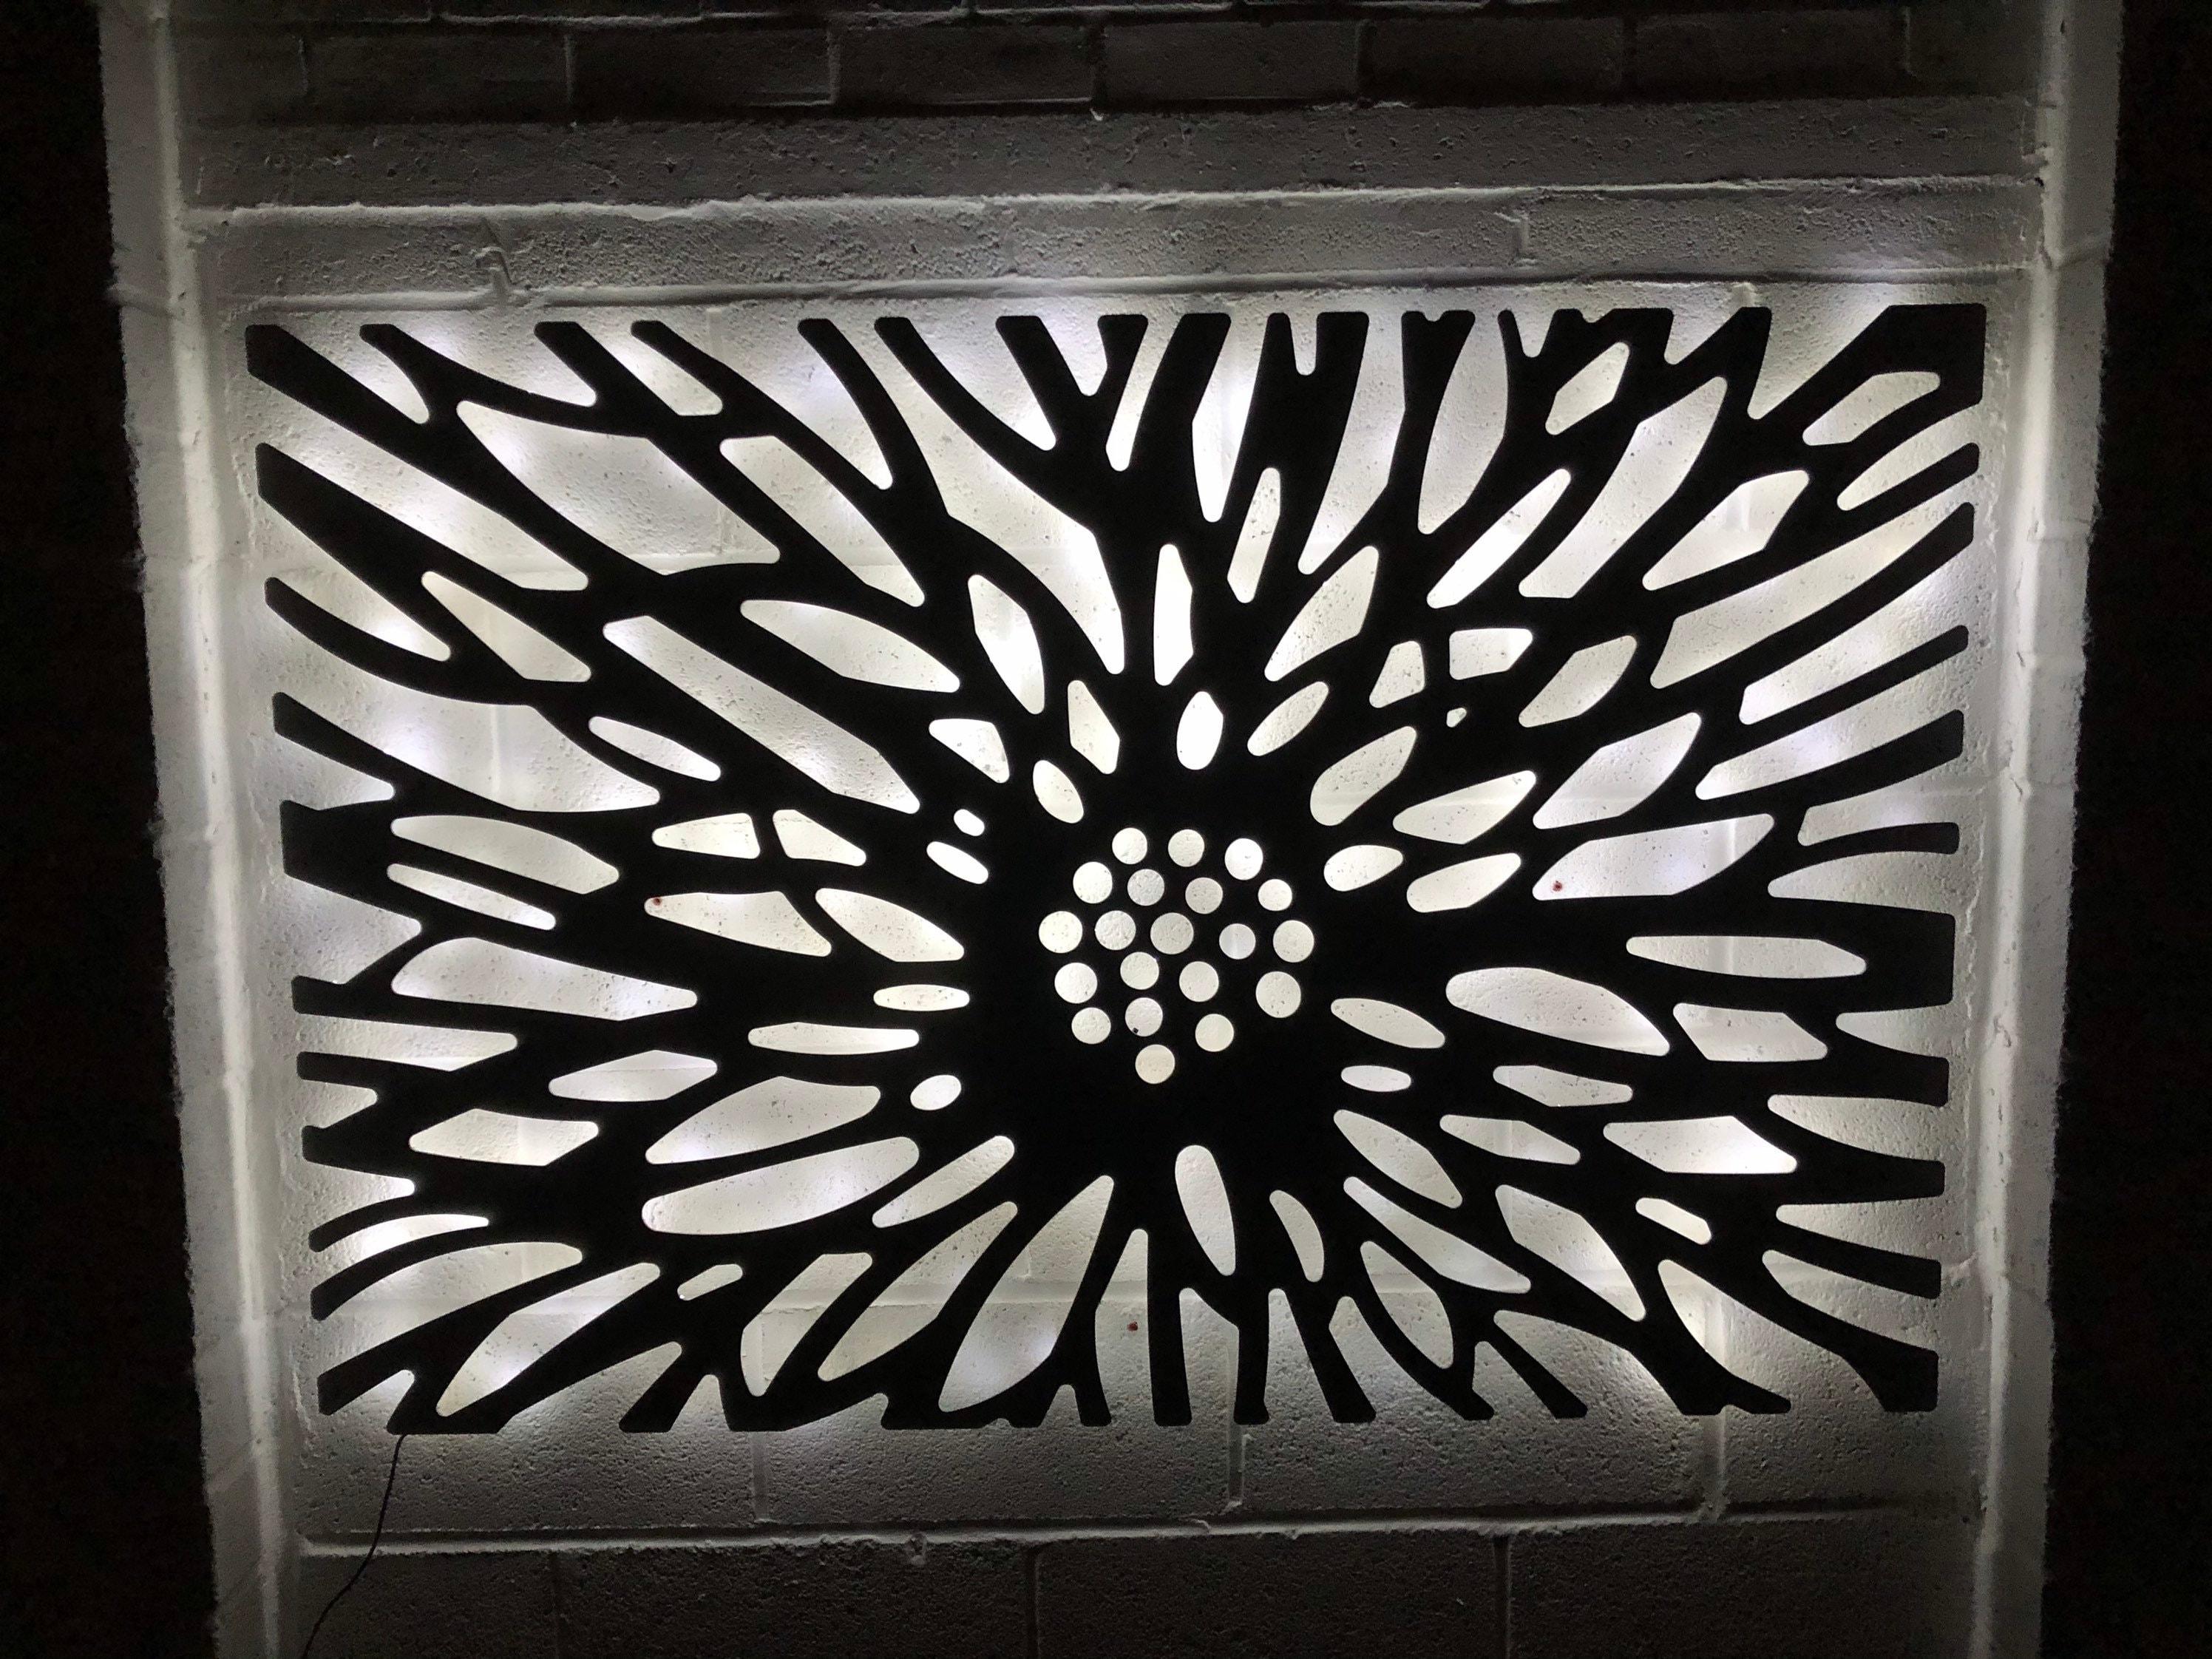 Laser Cut Decorative Metal Wall Art Panel | Garden Wall ...